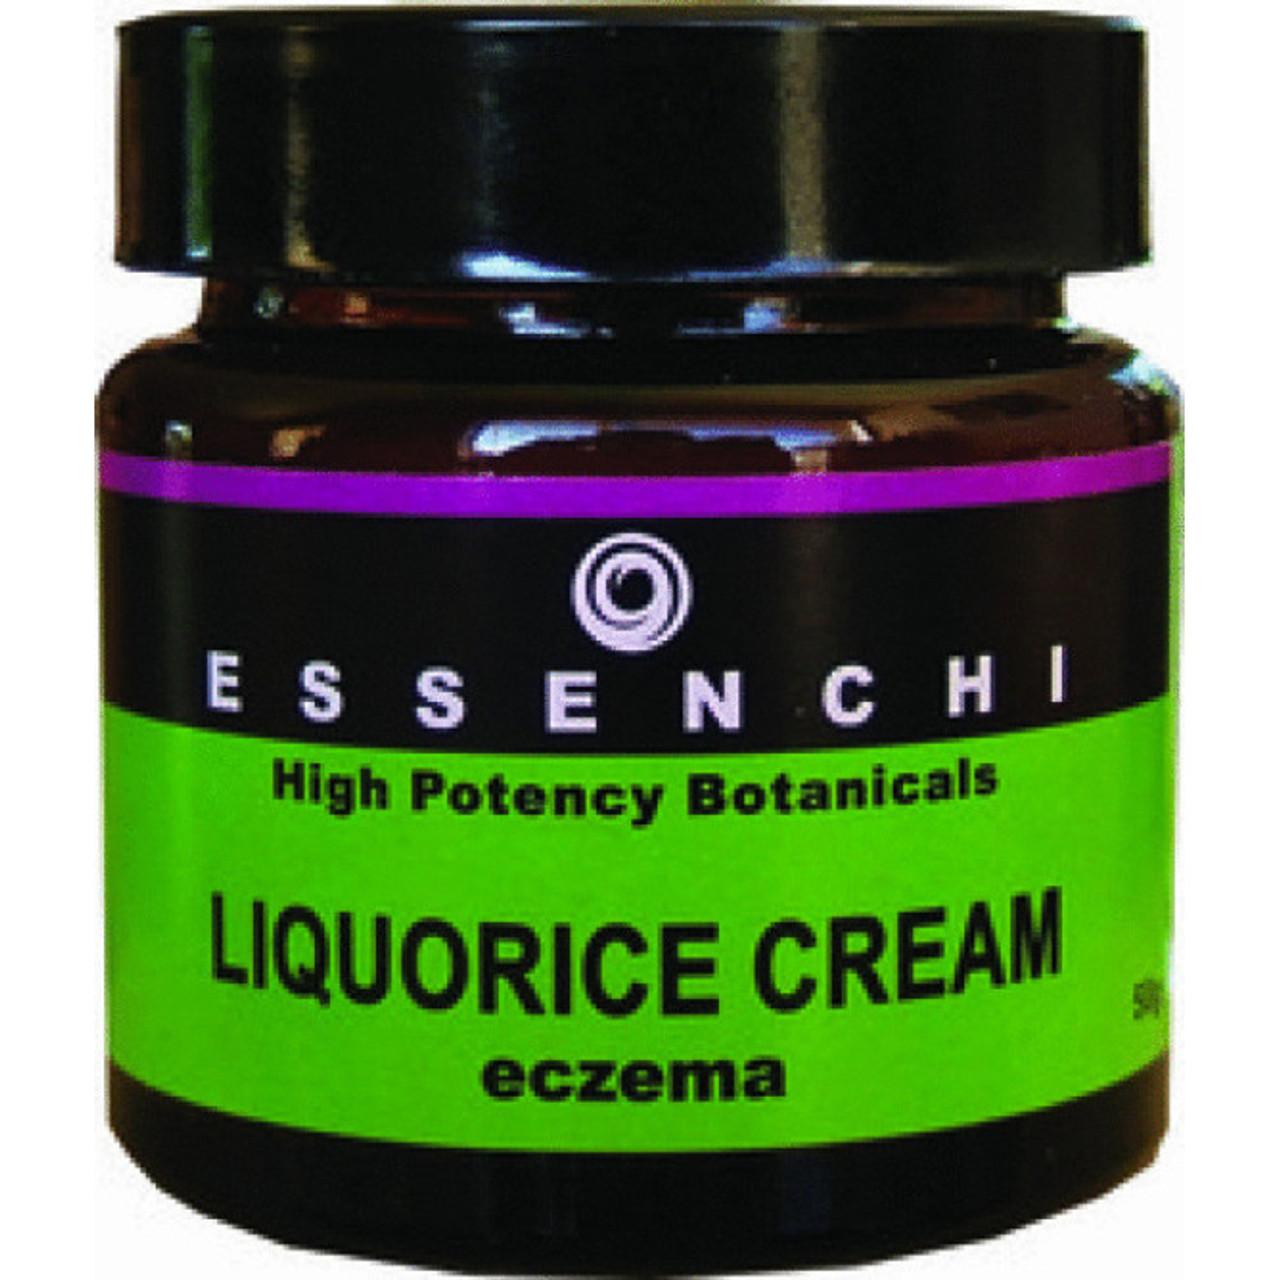 Essenchi- Liquorice Cream 50g